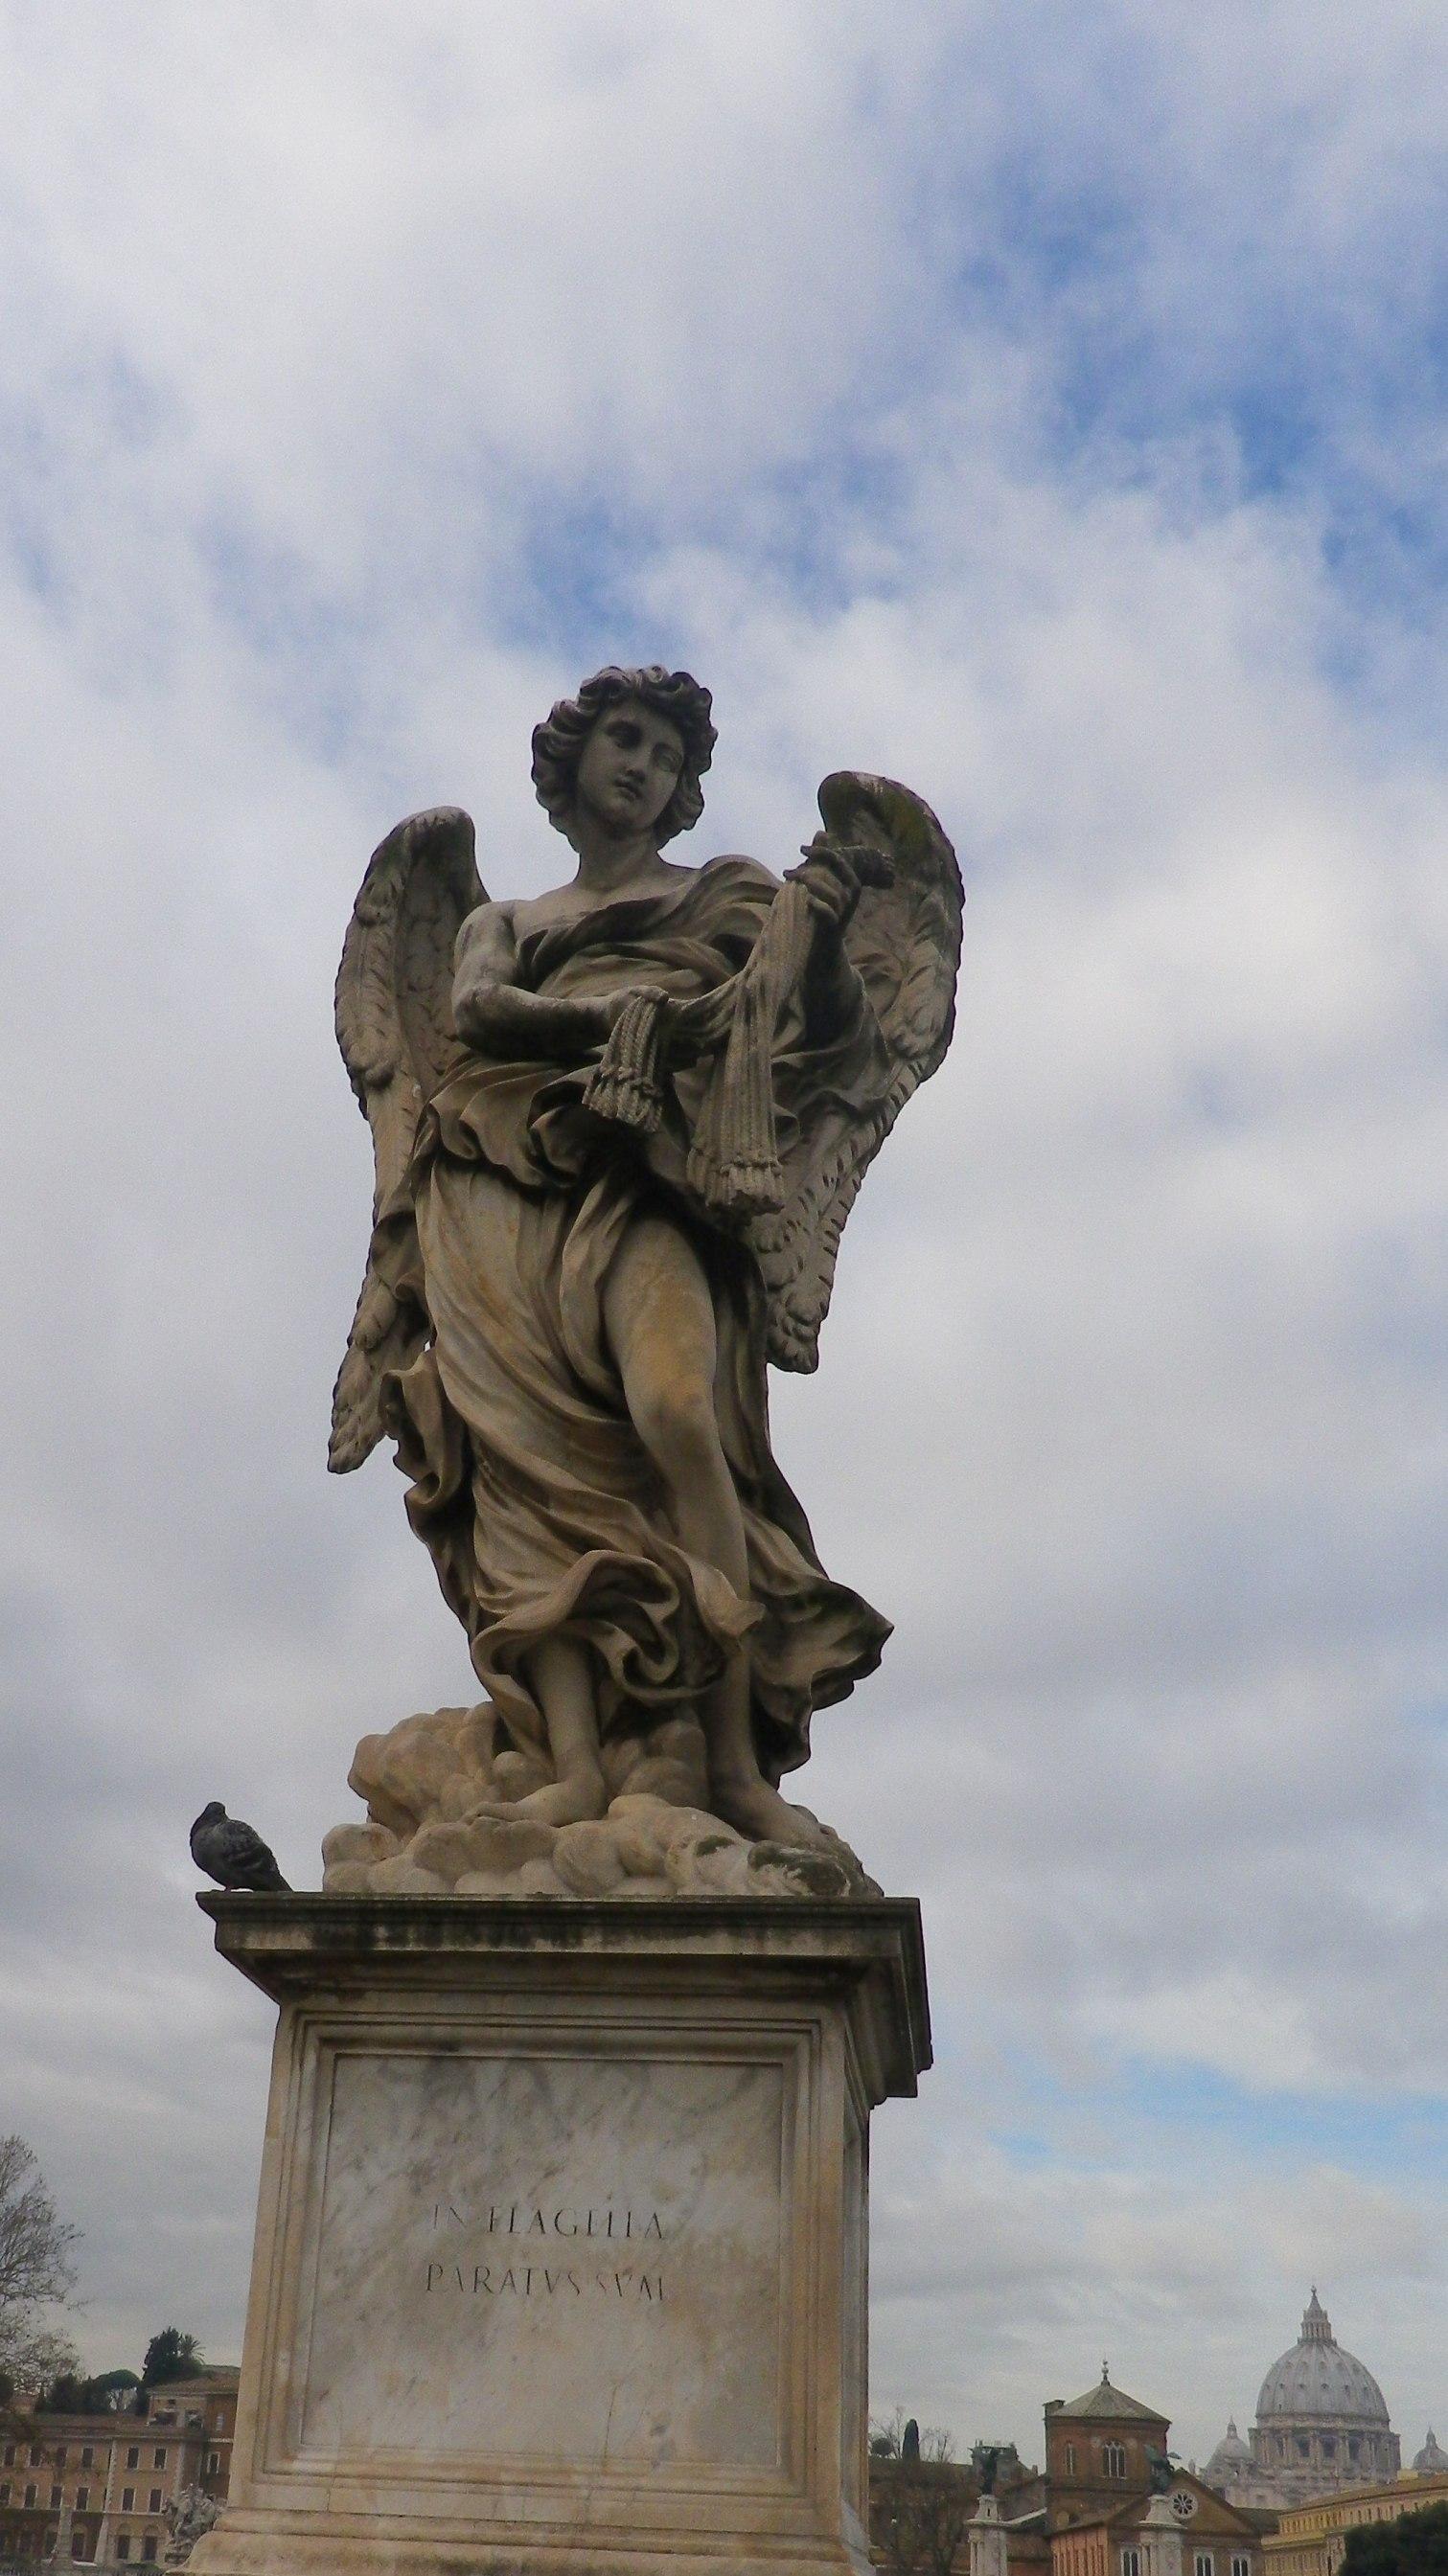 """Ángel con las fustas (Lazzaro Morelli, inscripción """"In flagella paratus sum"""")."""